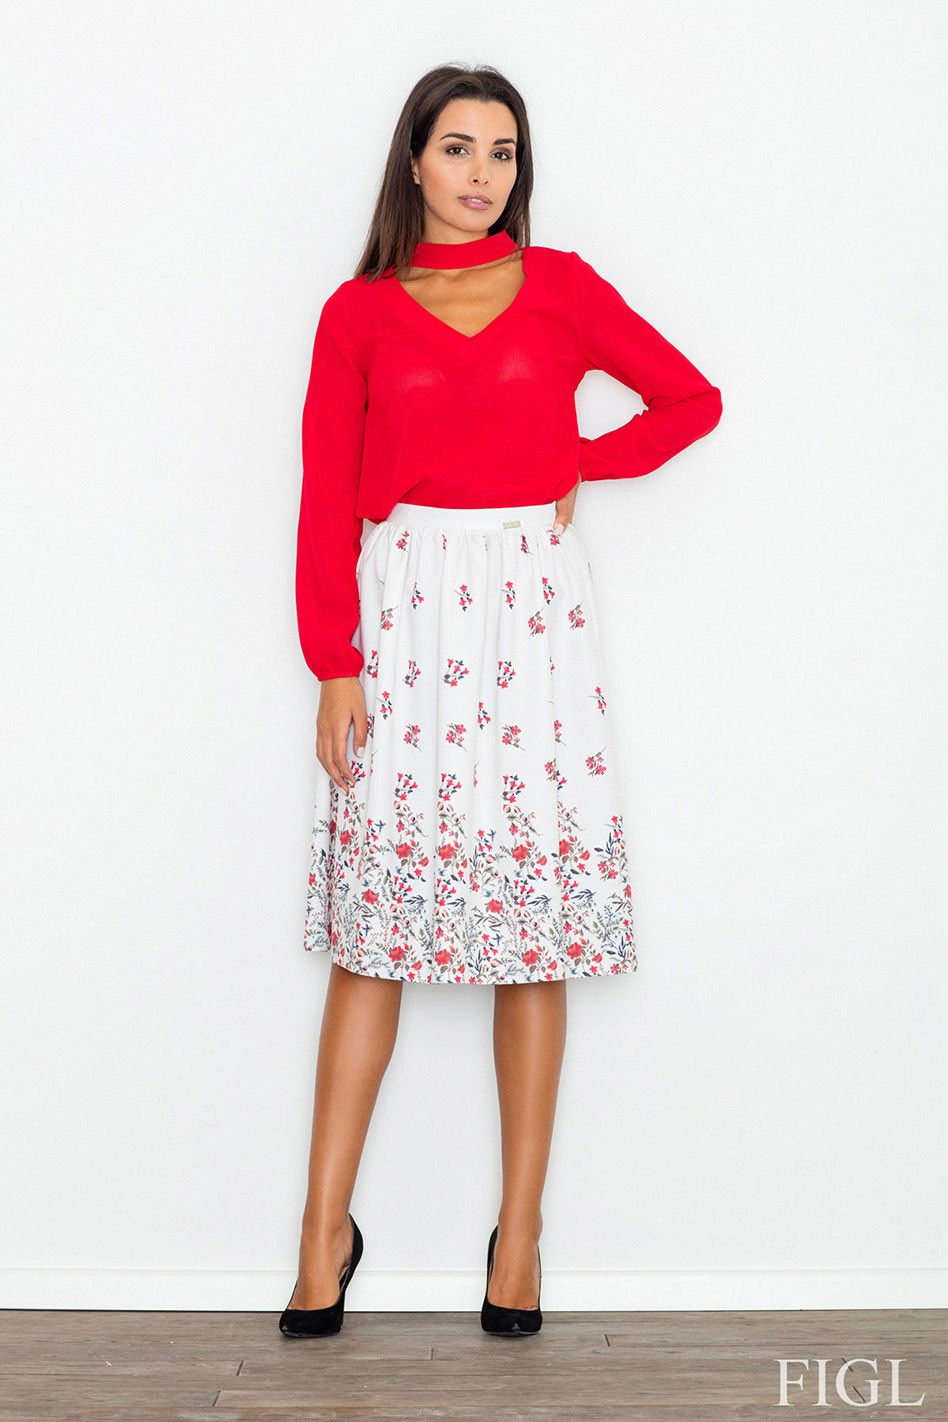 55ff974dd514 Dámská sukně M537 - Figl bílá s květinovým vzorem 40